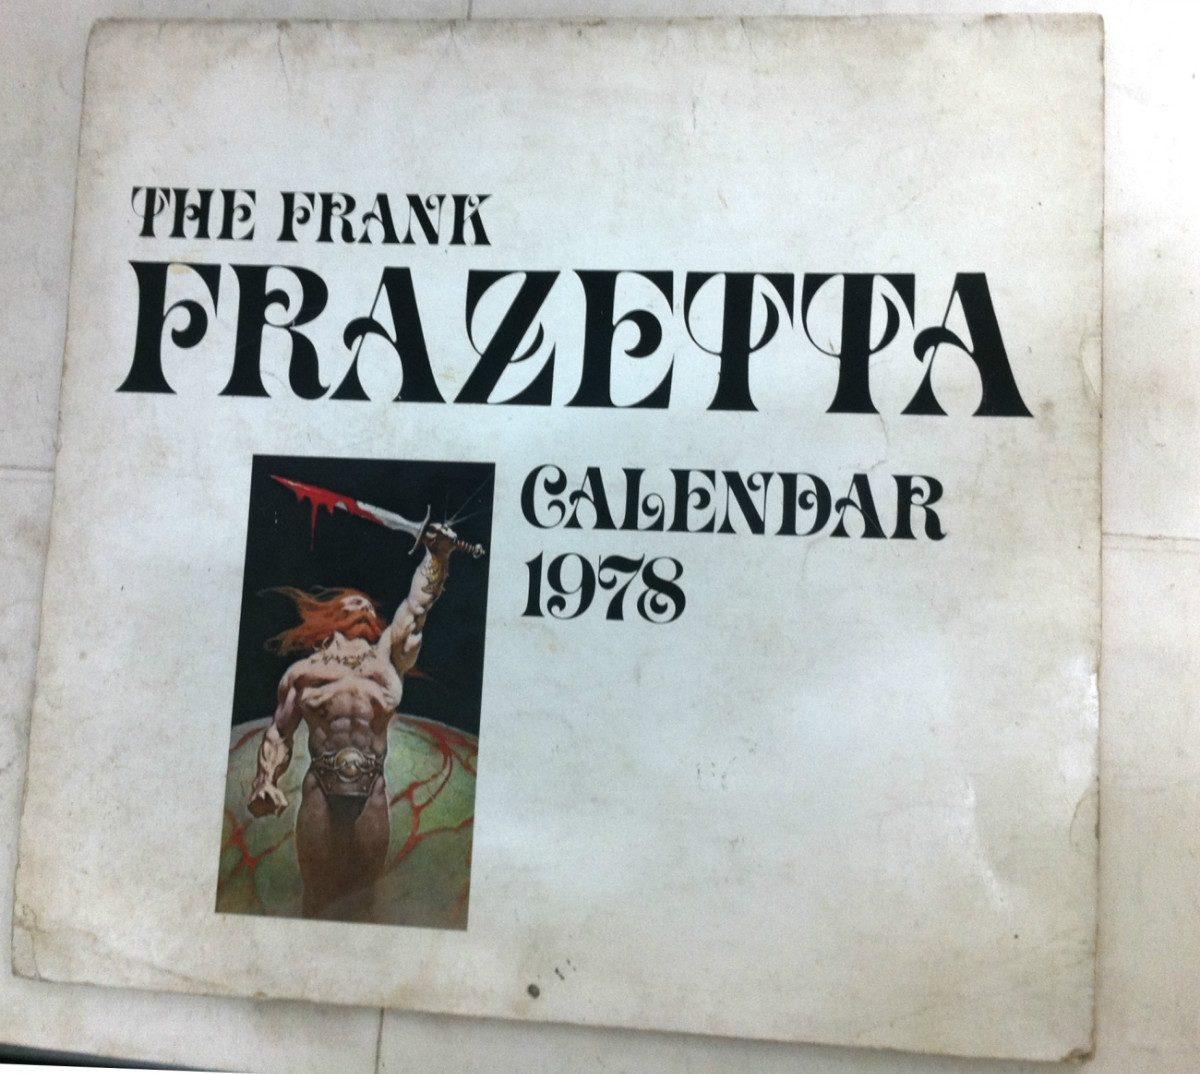 Calendario 1978.The Frank Frazetta Calendario 1978